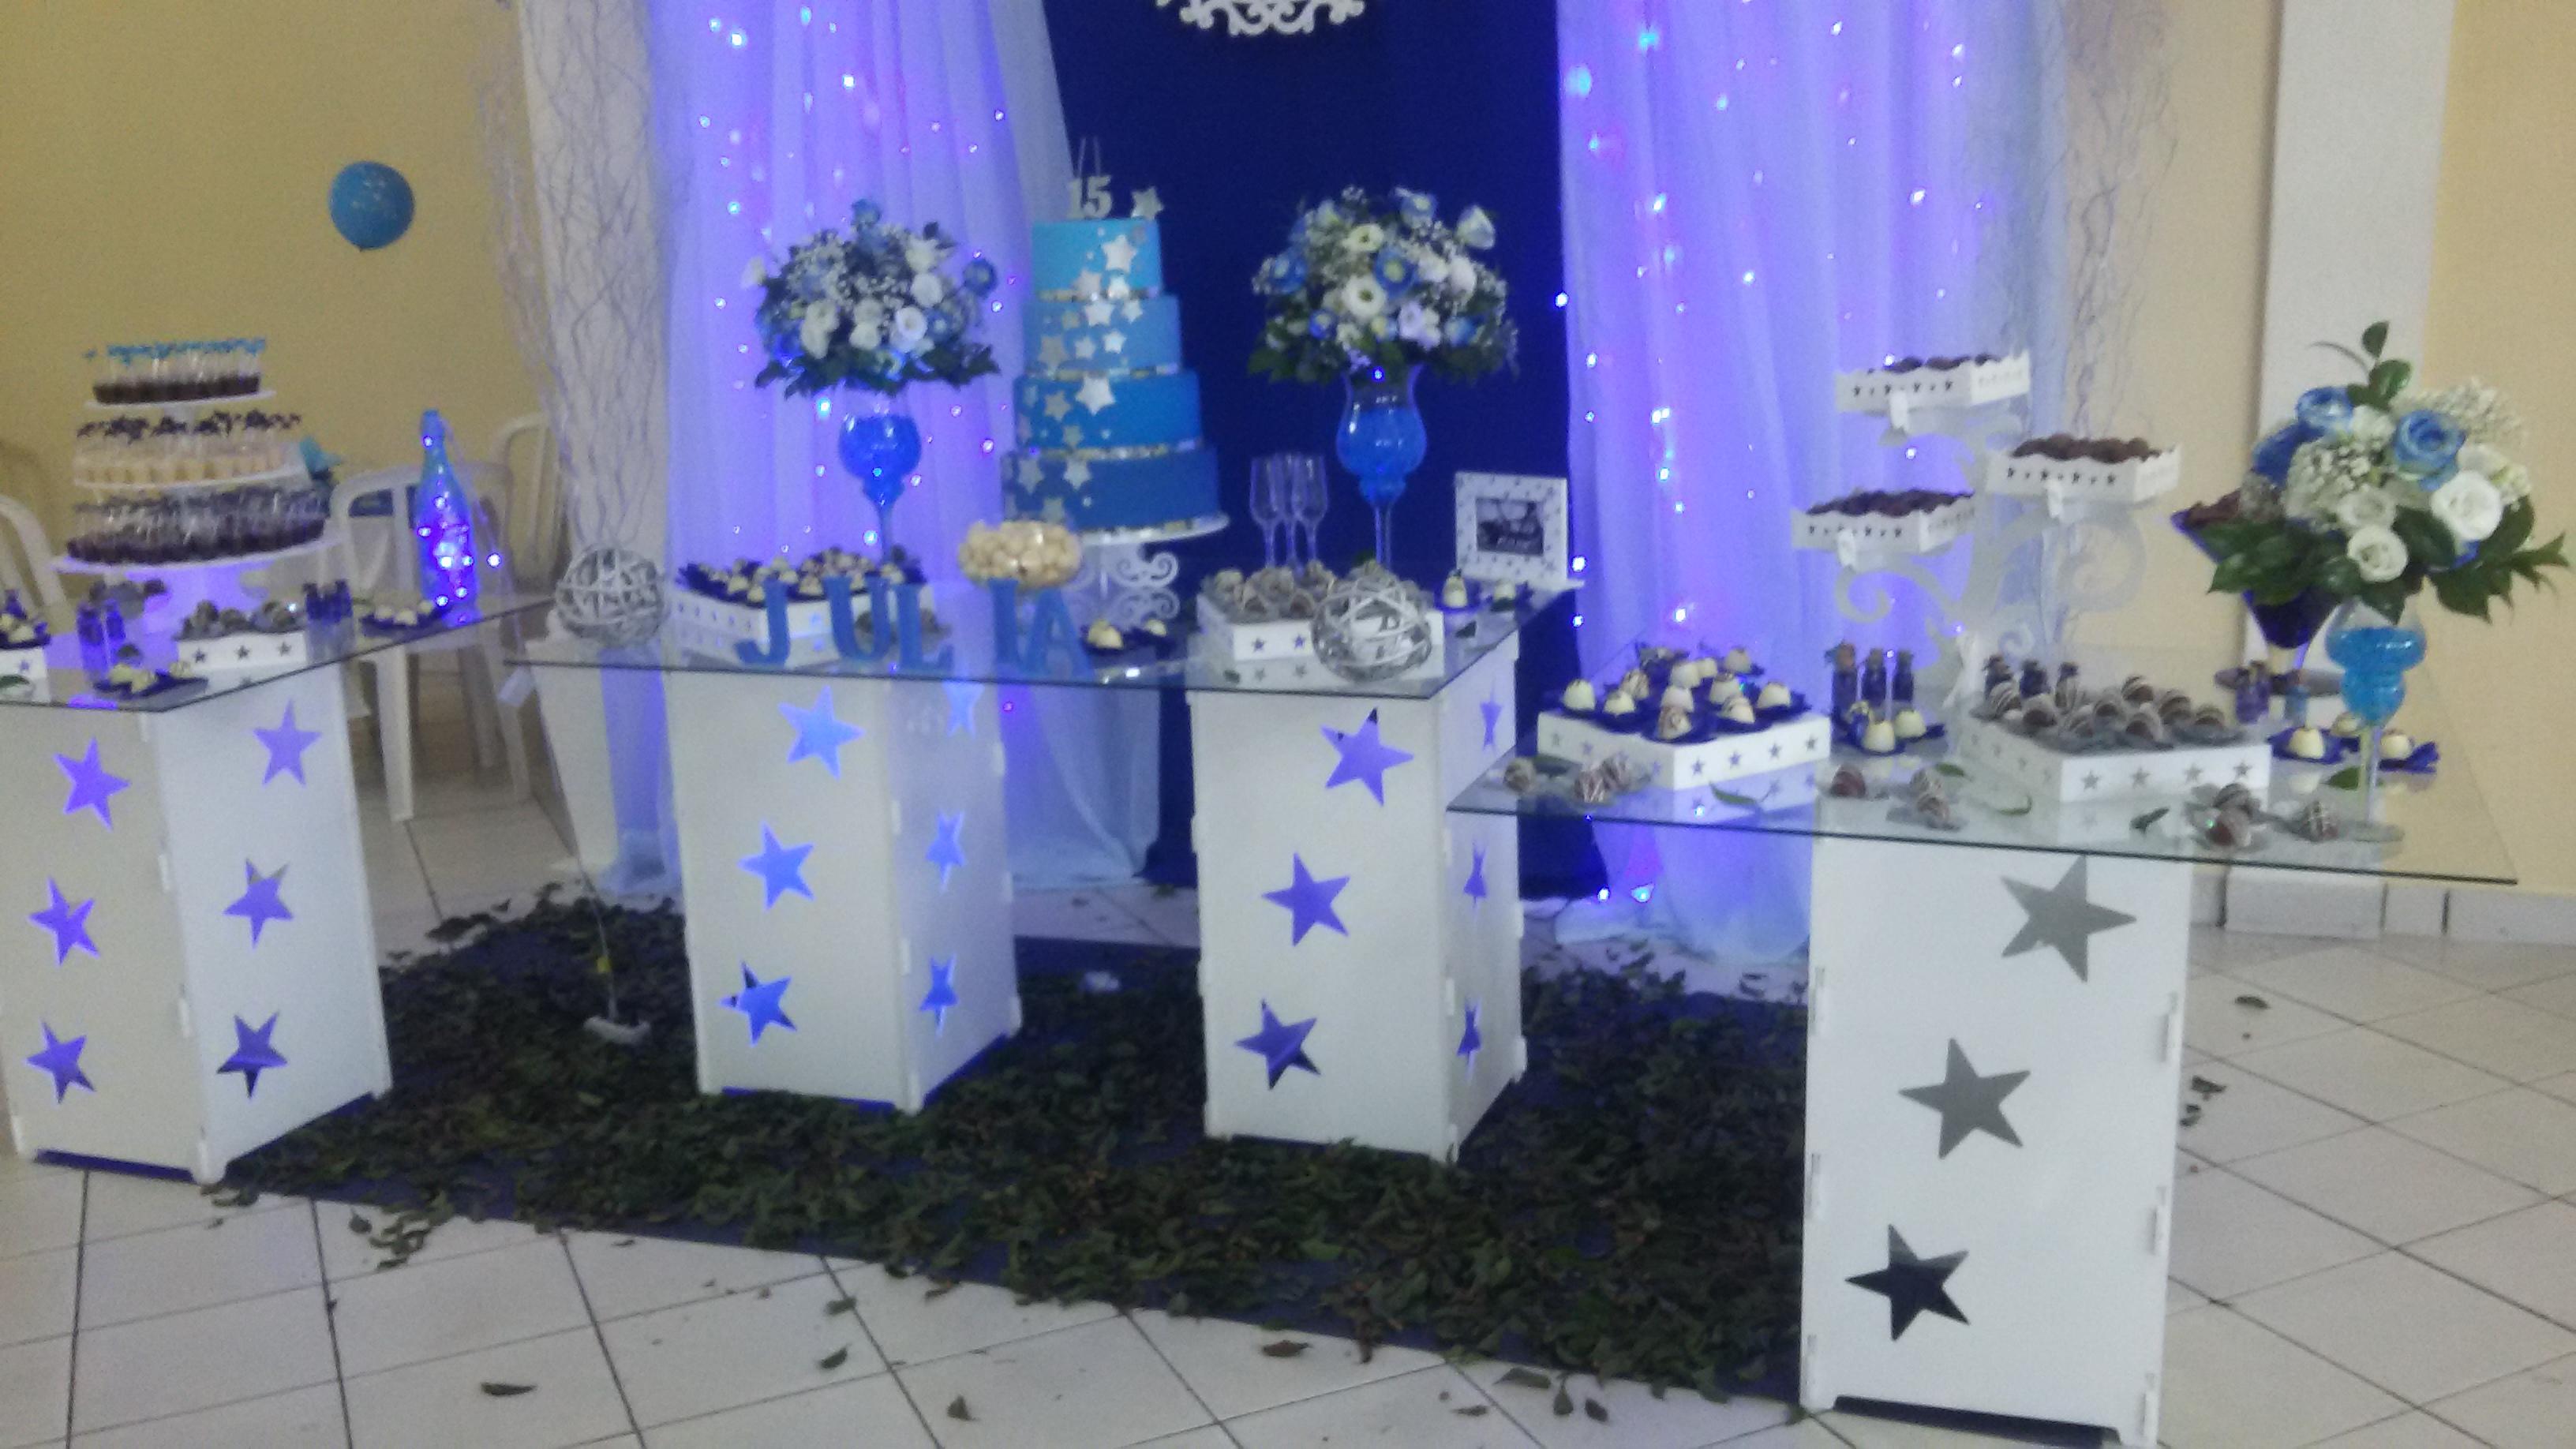 decoracao-de-15-anos-azul-decoracoes-provencal-azul.jpg